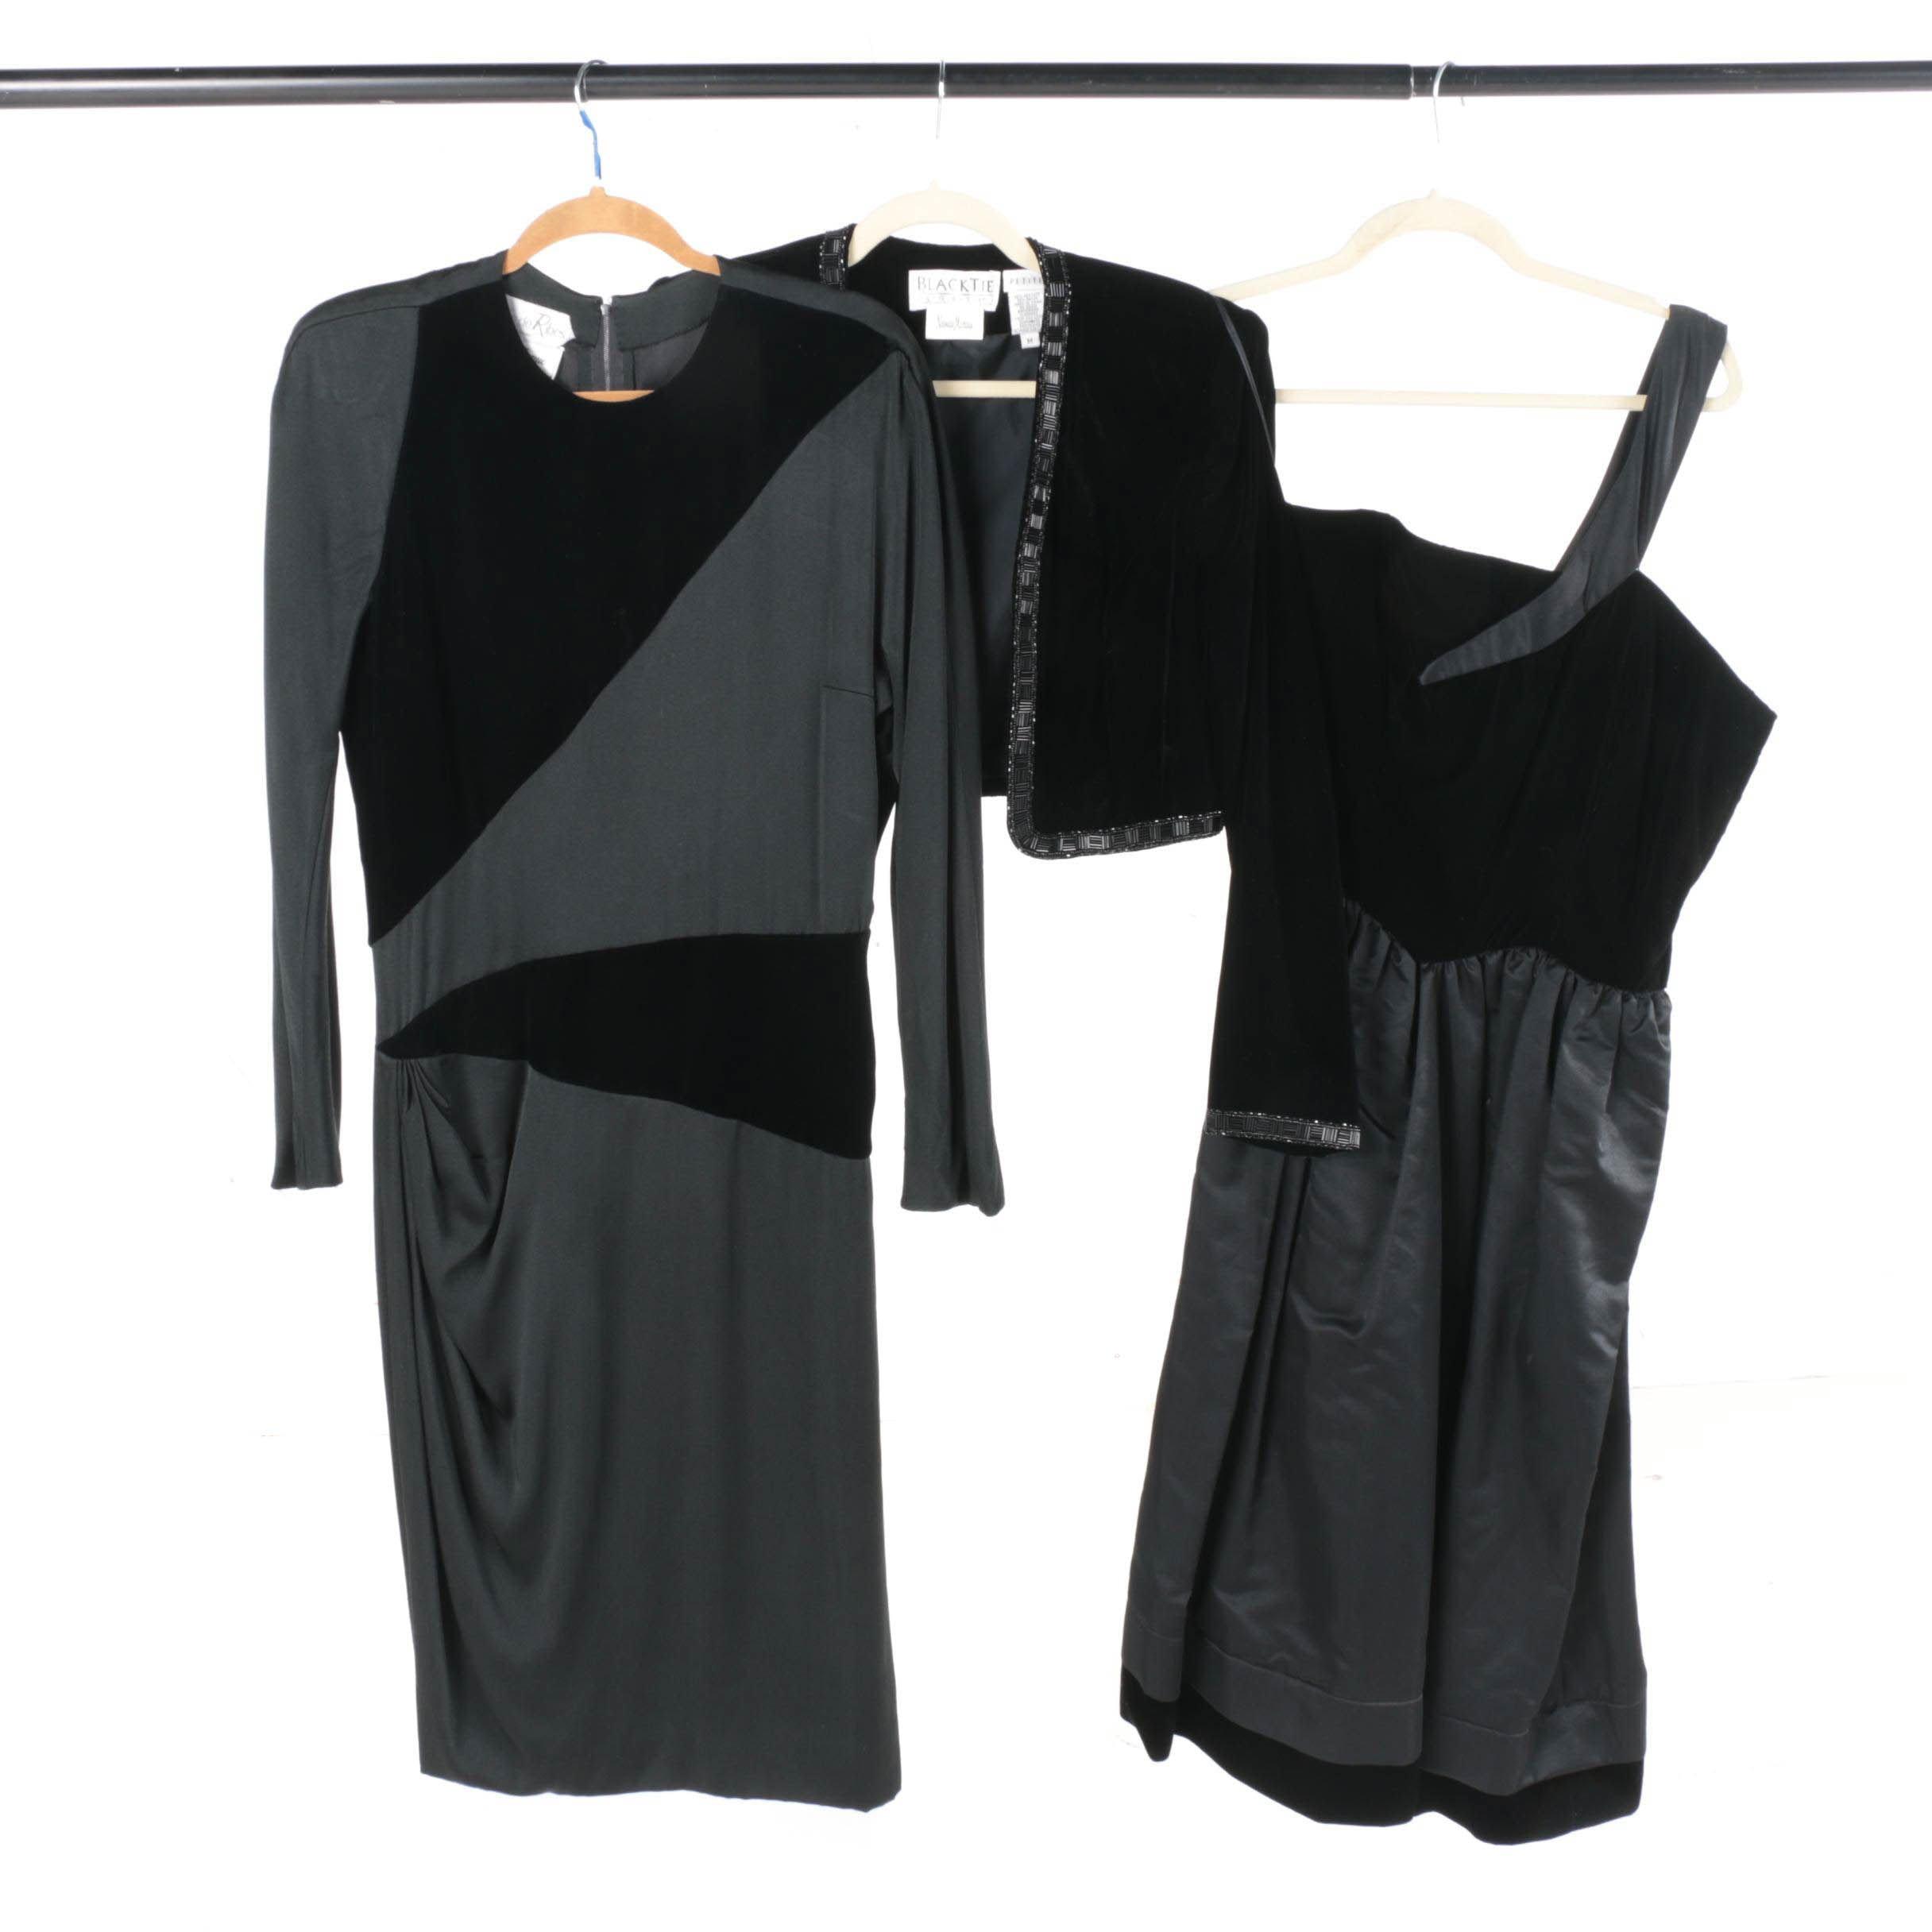 Circa 1980s Velvet Dresses with Oleg Cassini